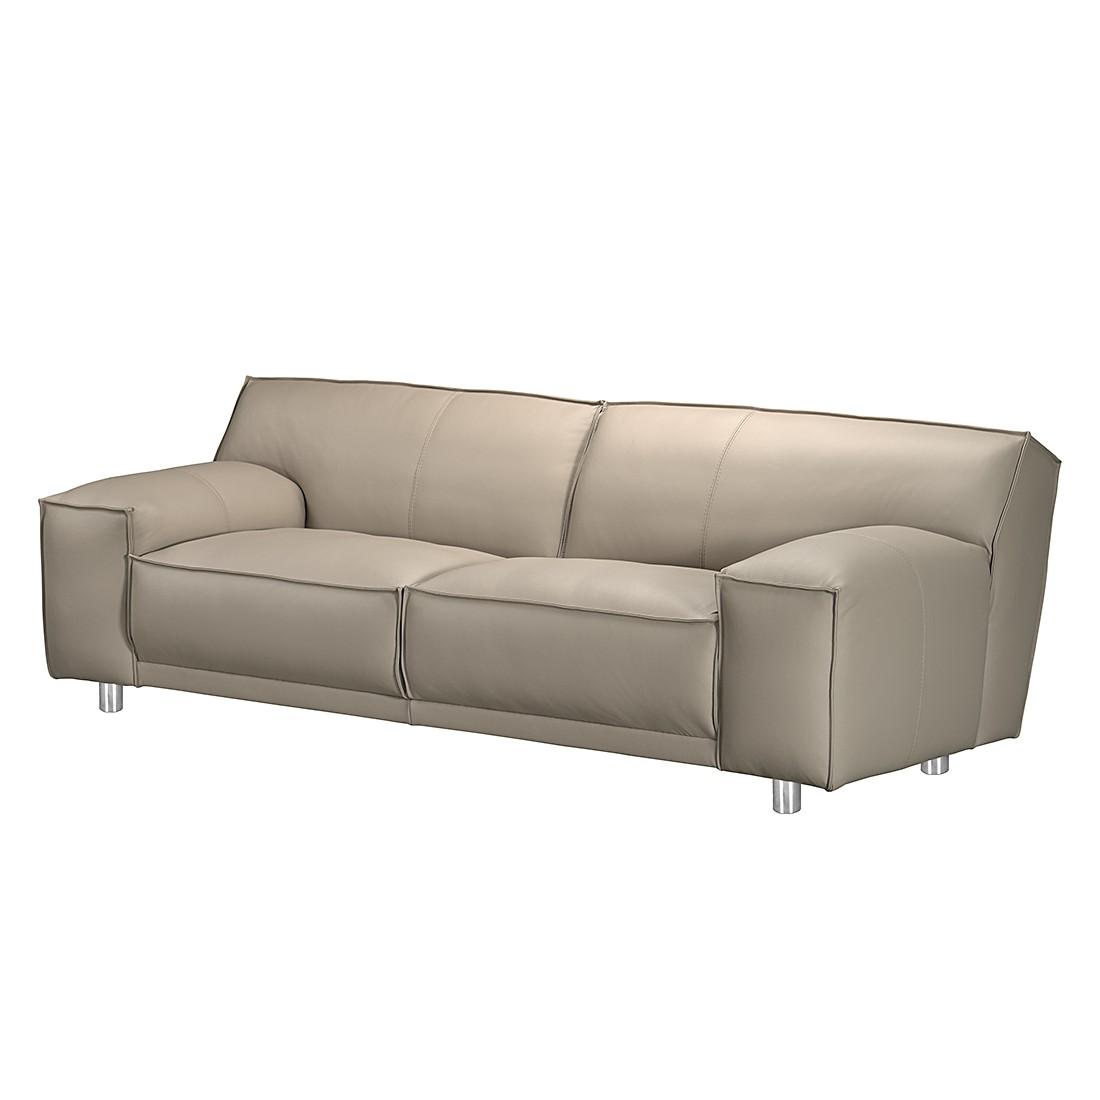 polstergarnitur willem 3 2 5 1 kunstleder lila loftscape kaufen. Black Bedroom Furniture Sets. Home Design Ideas